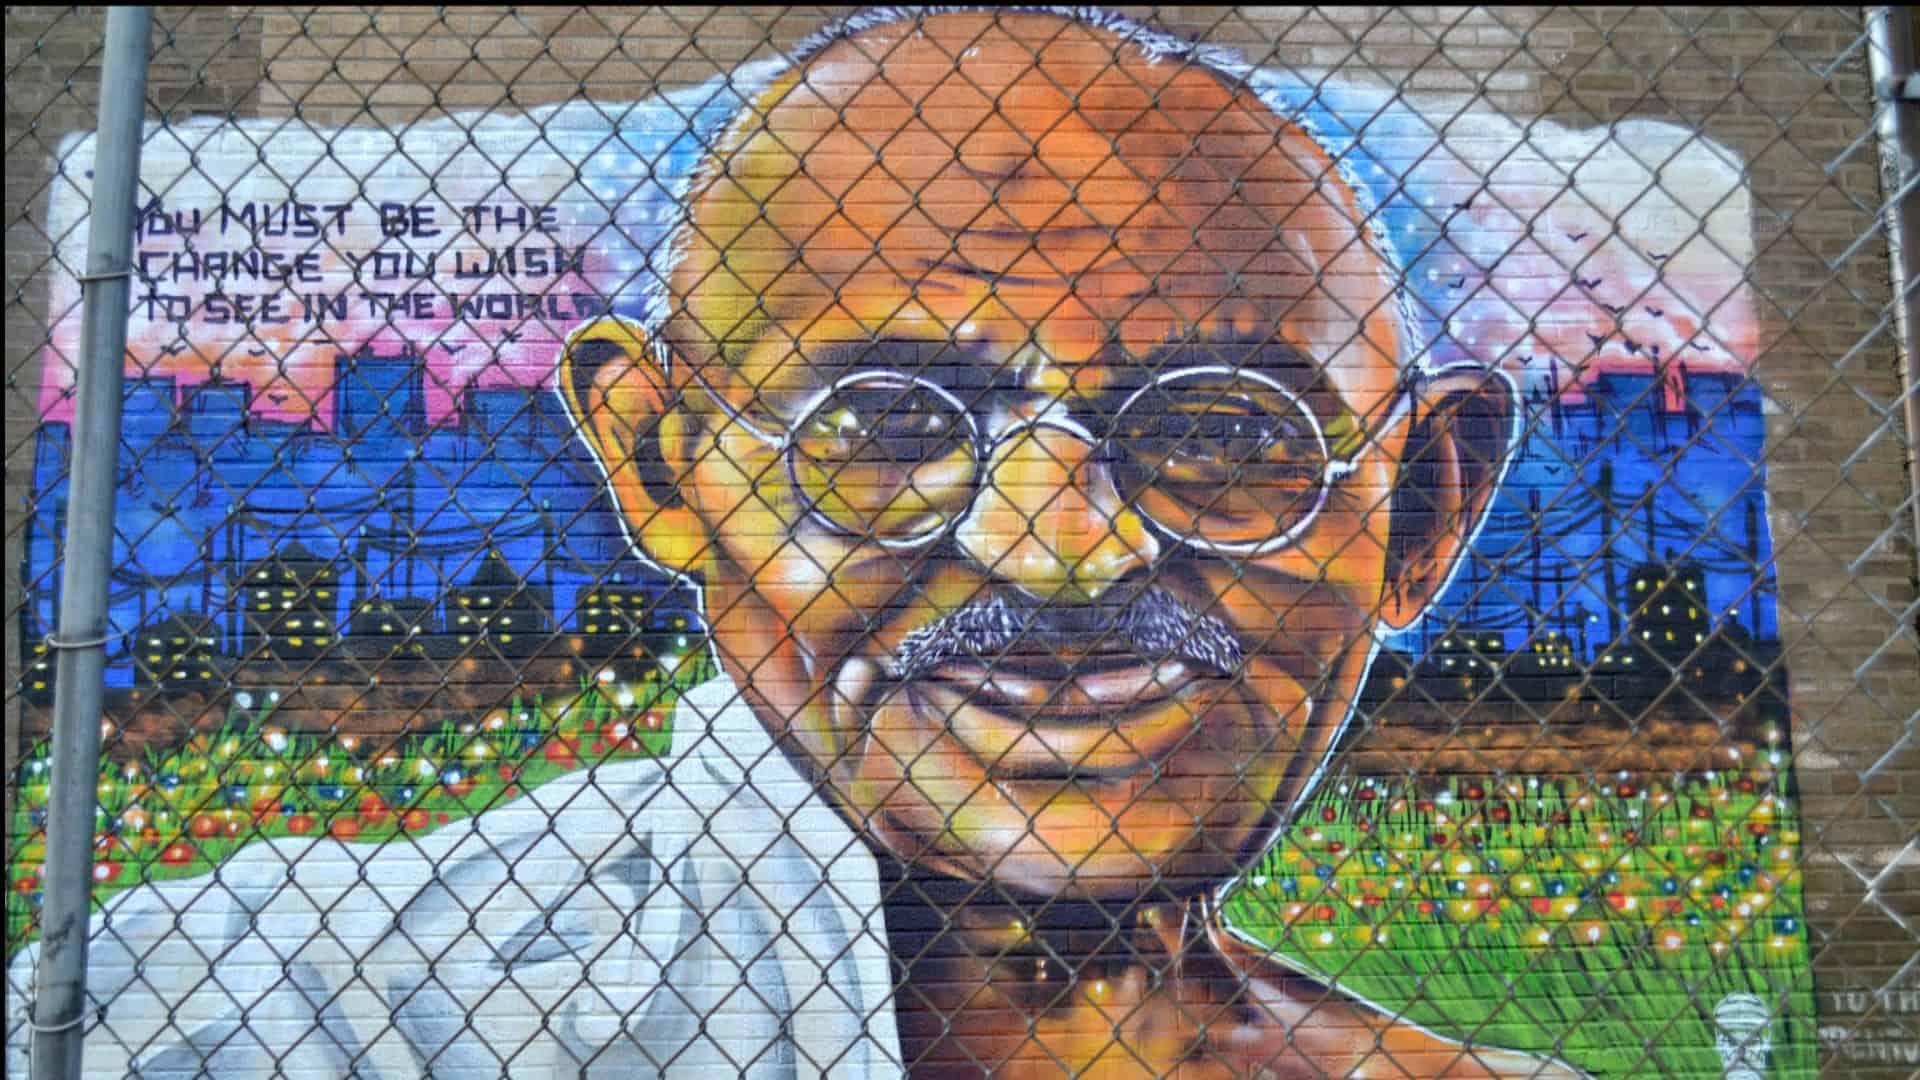 Gandhi Garden in Trenton, NJ